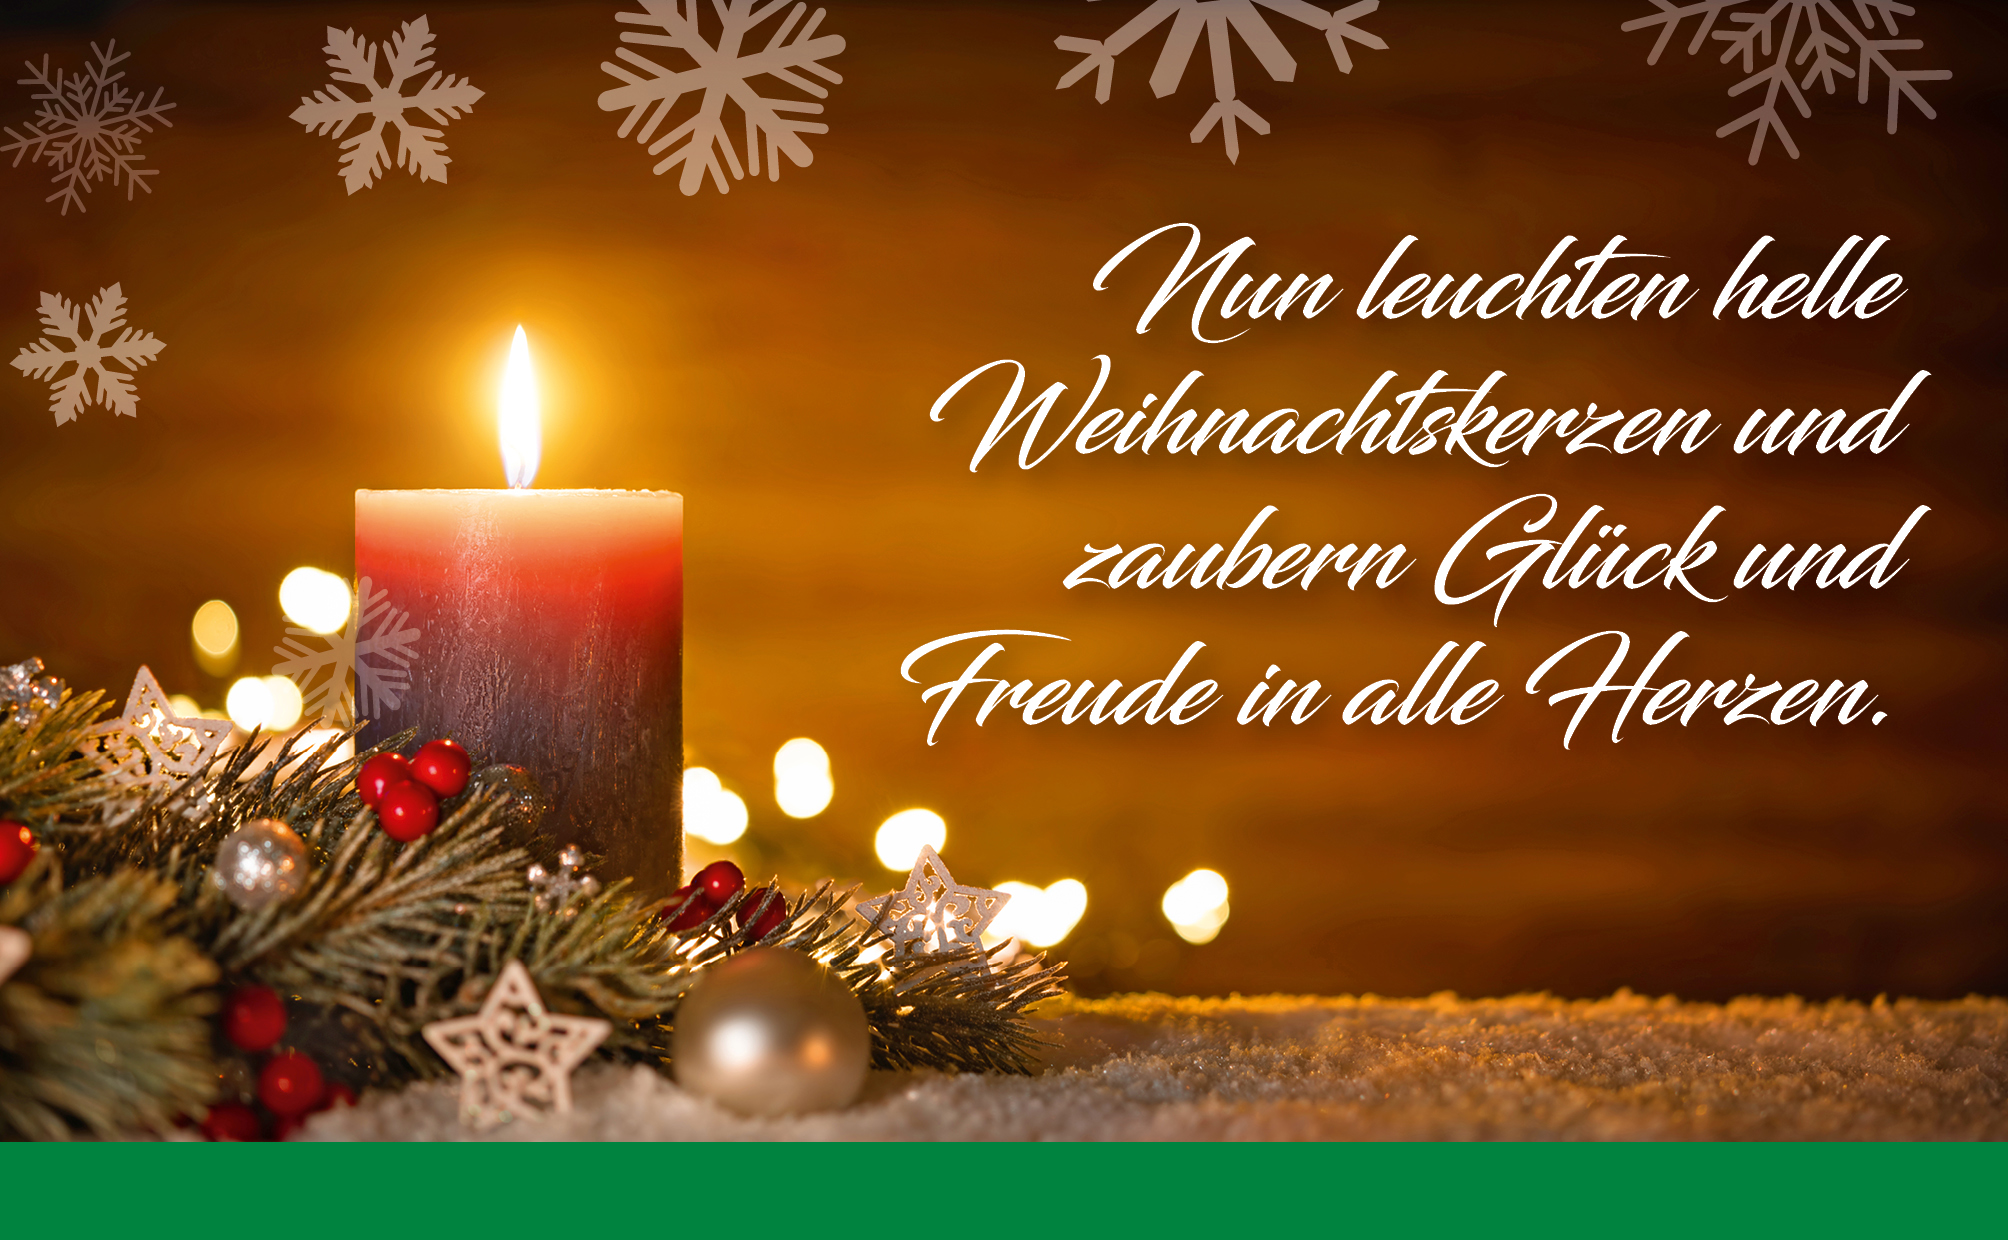 Frohe Weihnachten Besinnlich.Frohe Weihnachten Und Ein Gutes Neues Jahr Osterwalder Hof